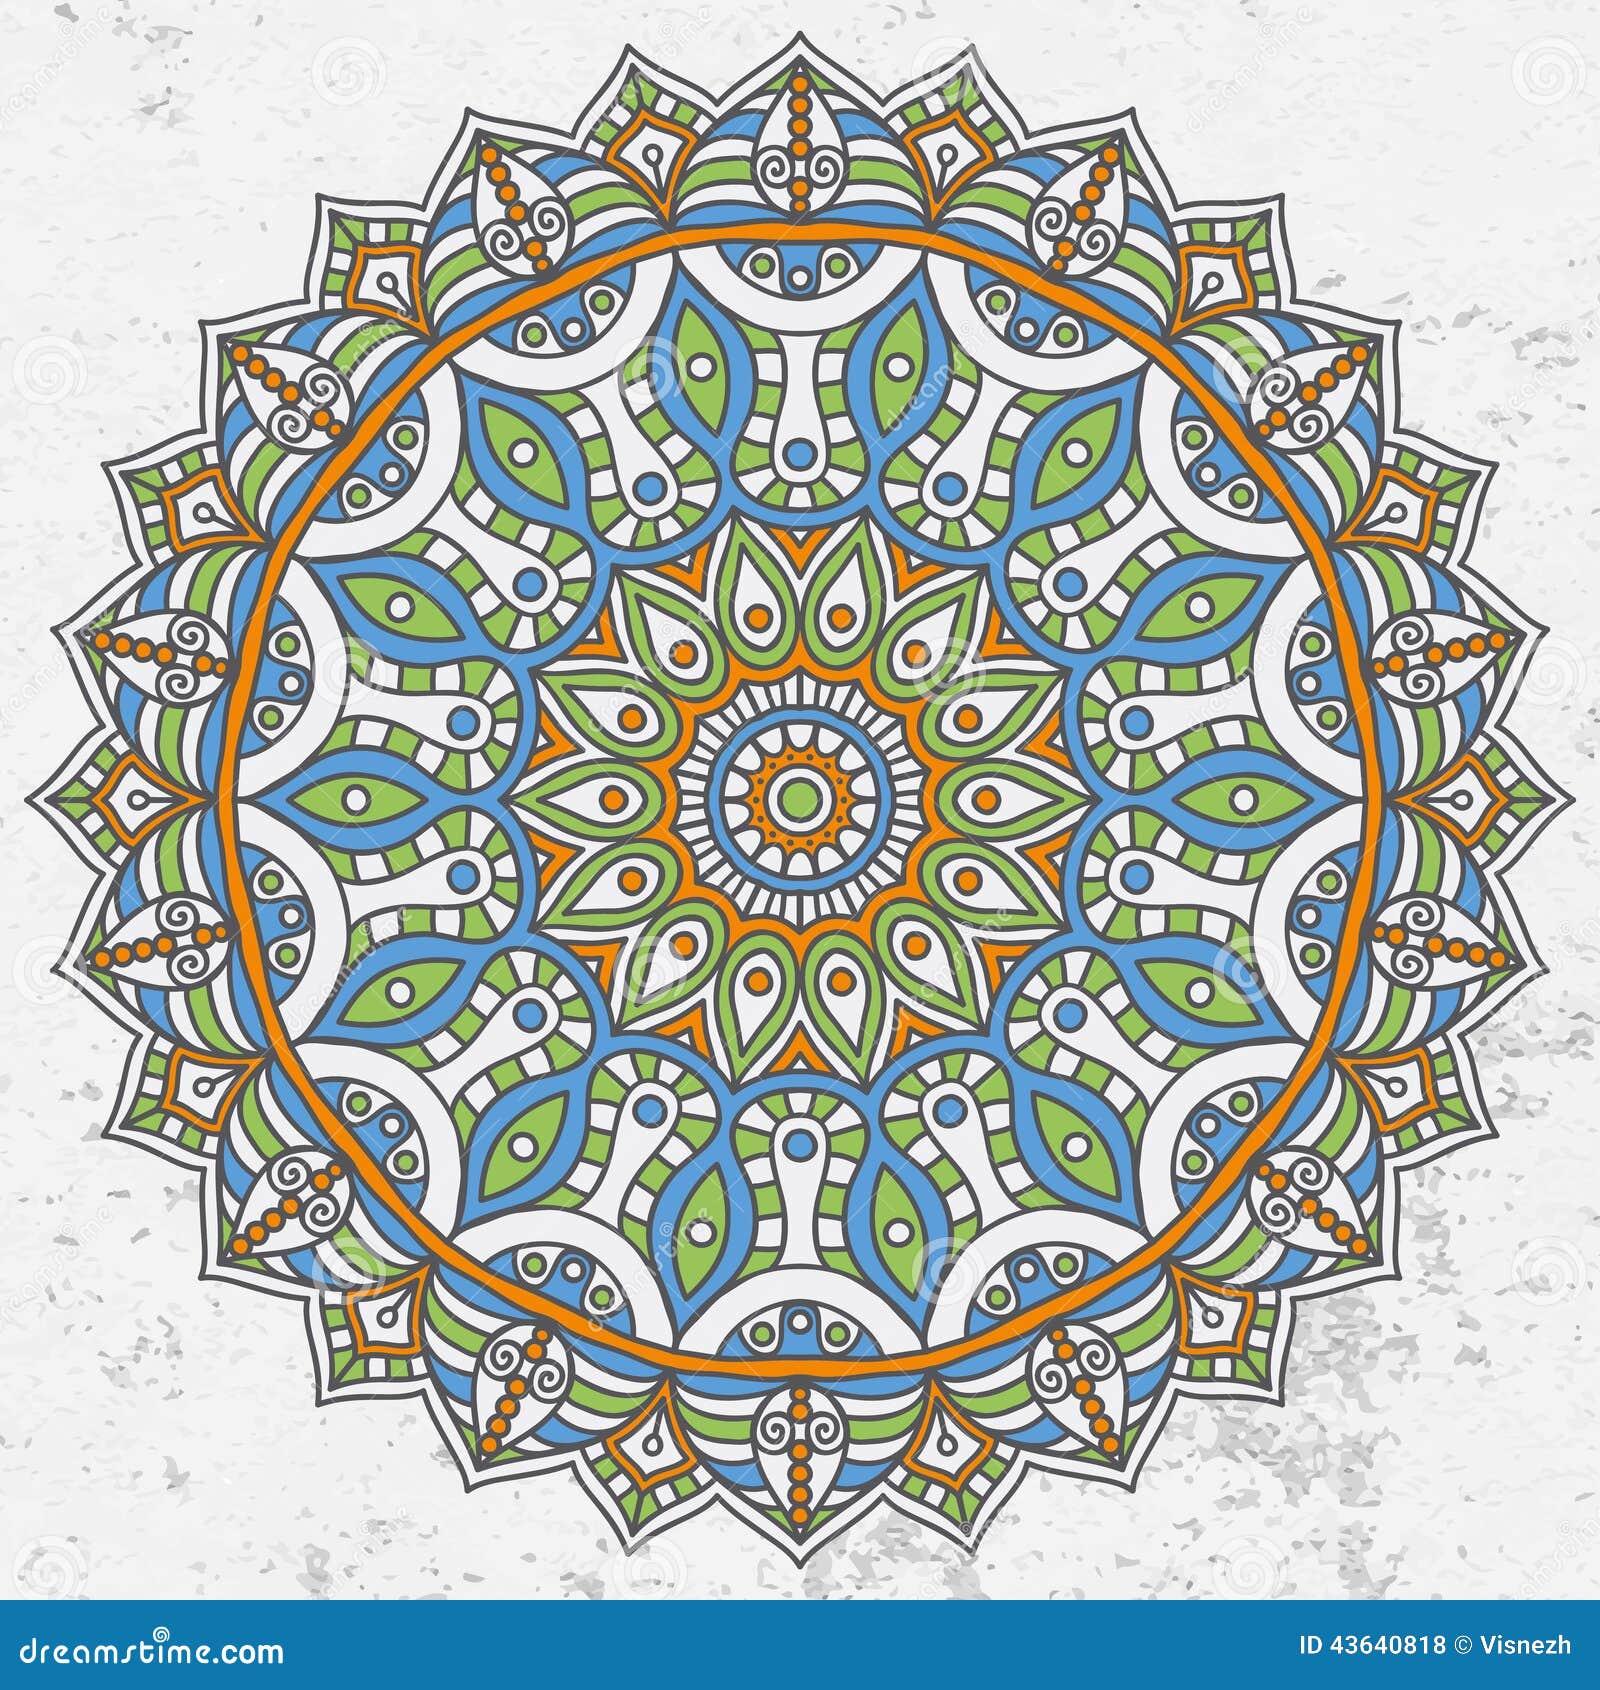 Mandala Stock Vector - Image: 43640818